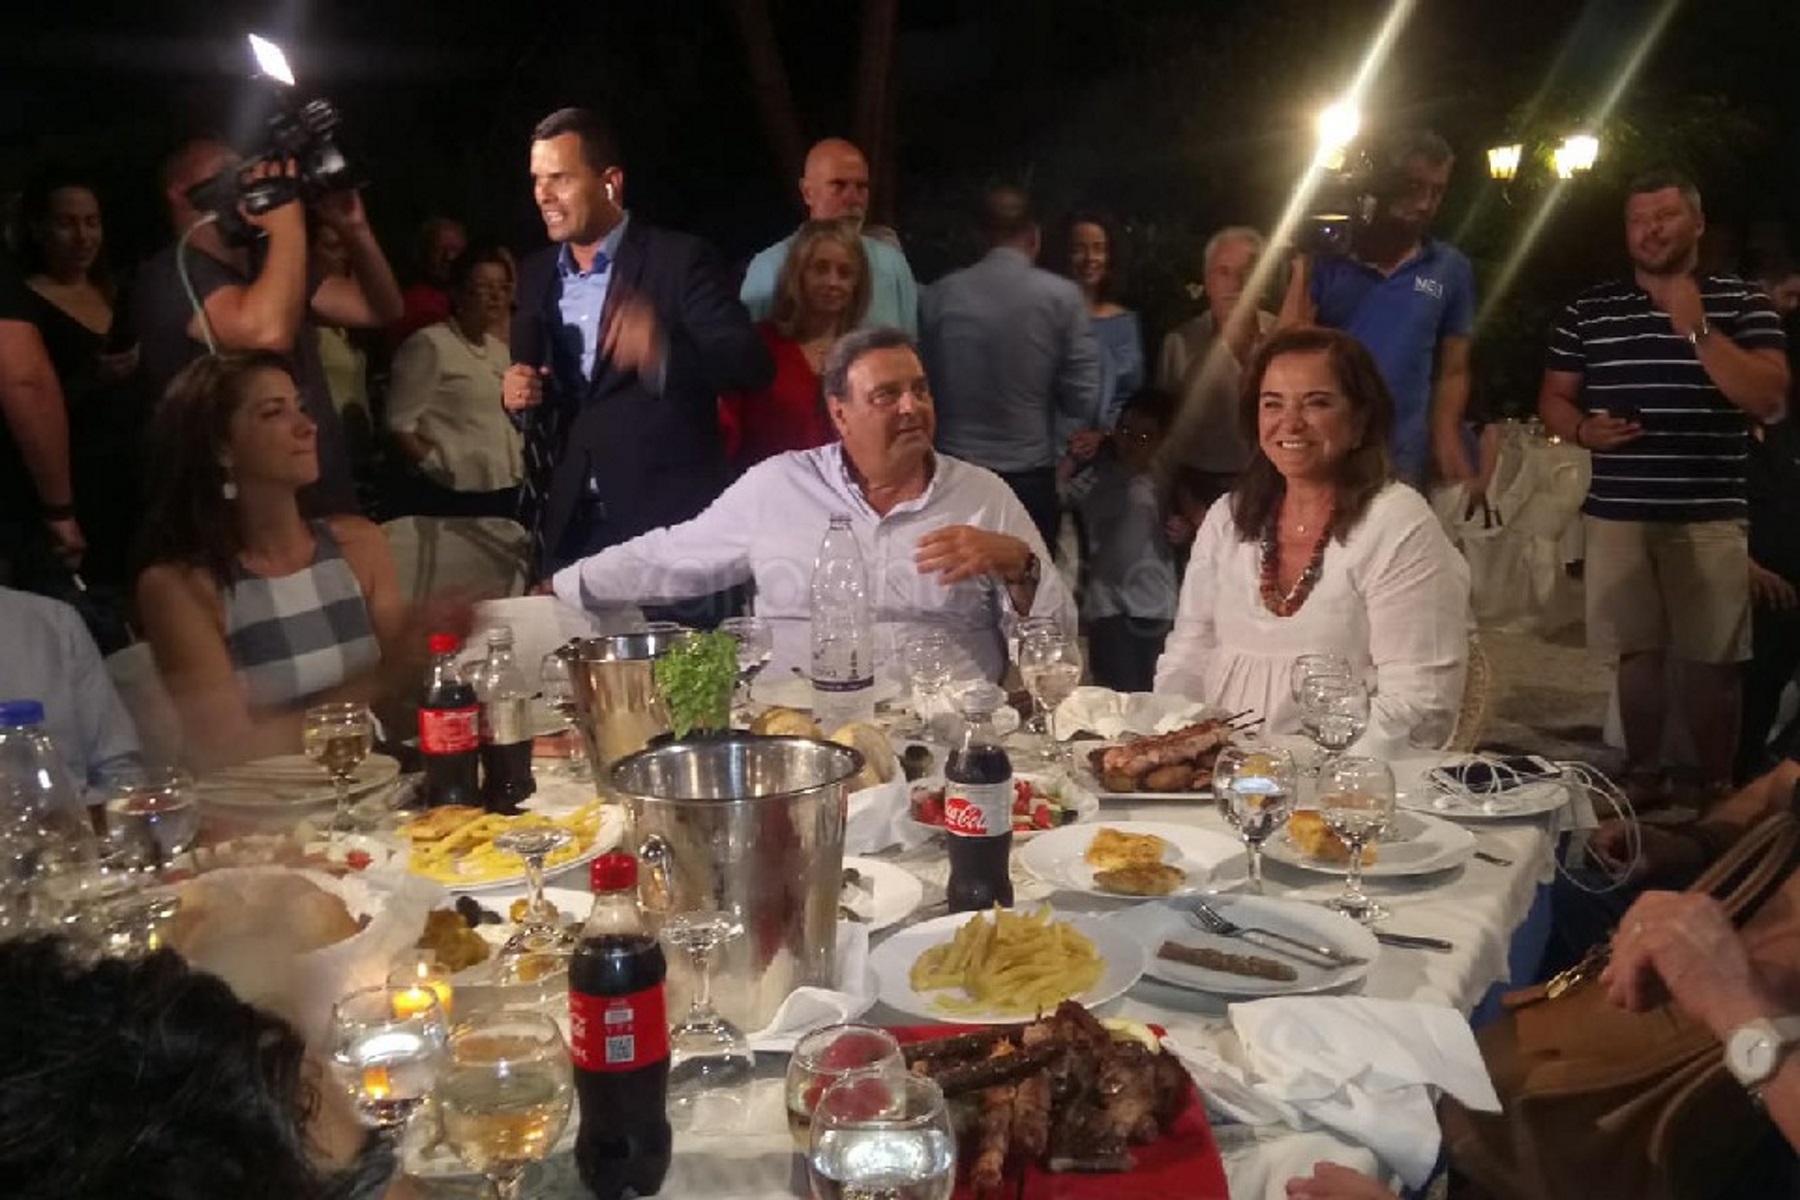 Εκλογές 2019 – Μπακογιάννη: Η Κρήτη έχει τον 4ο πρωθυπουργό της